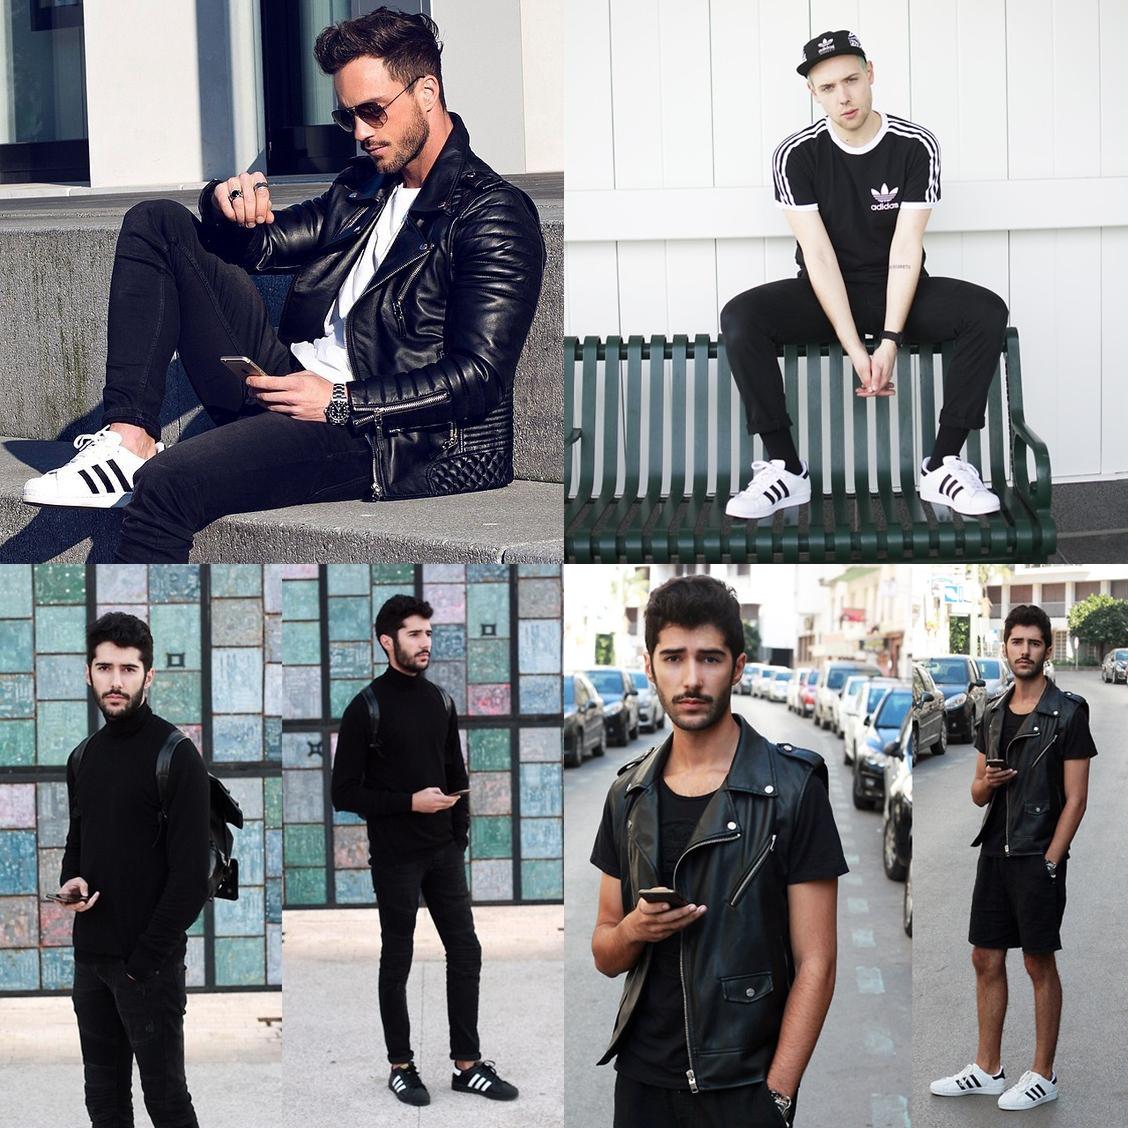 Adidas Superstar O Queridinho Dos Fashionistas Moda Sem Censura Blog De Moda Masculina